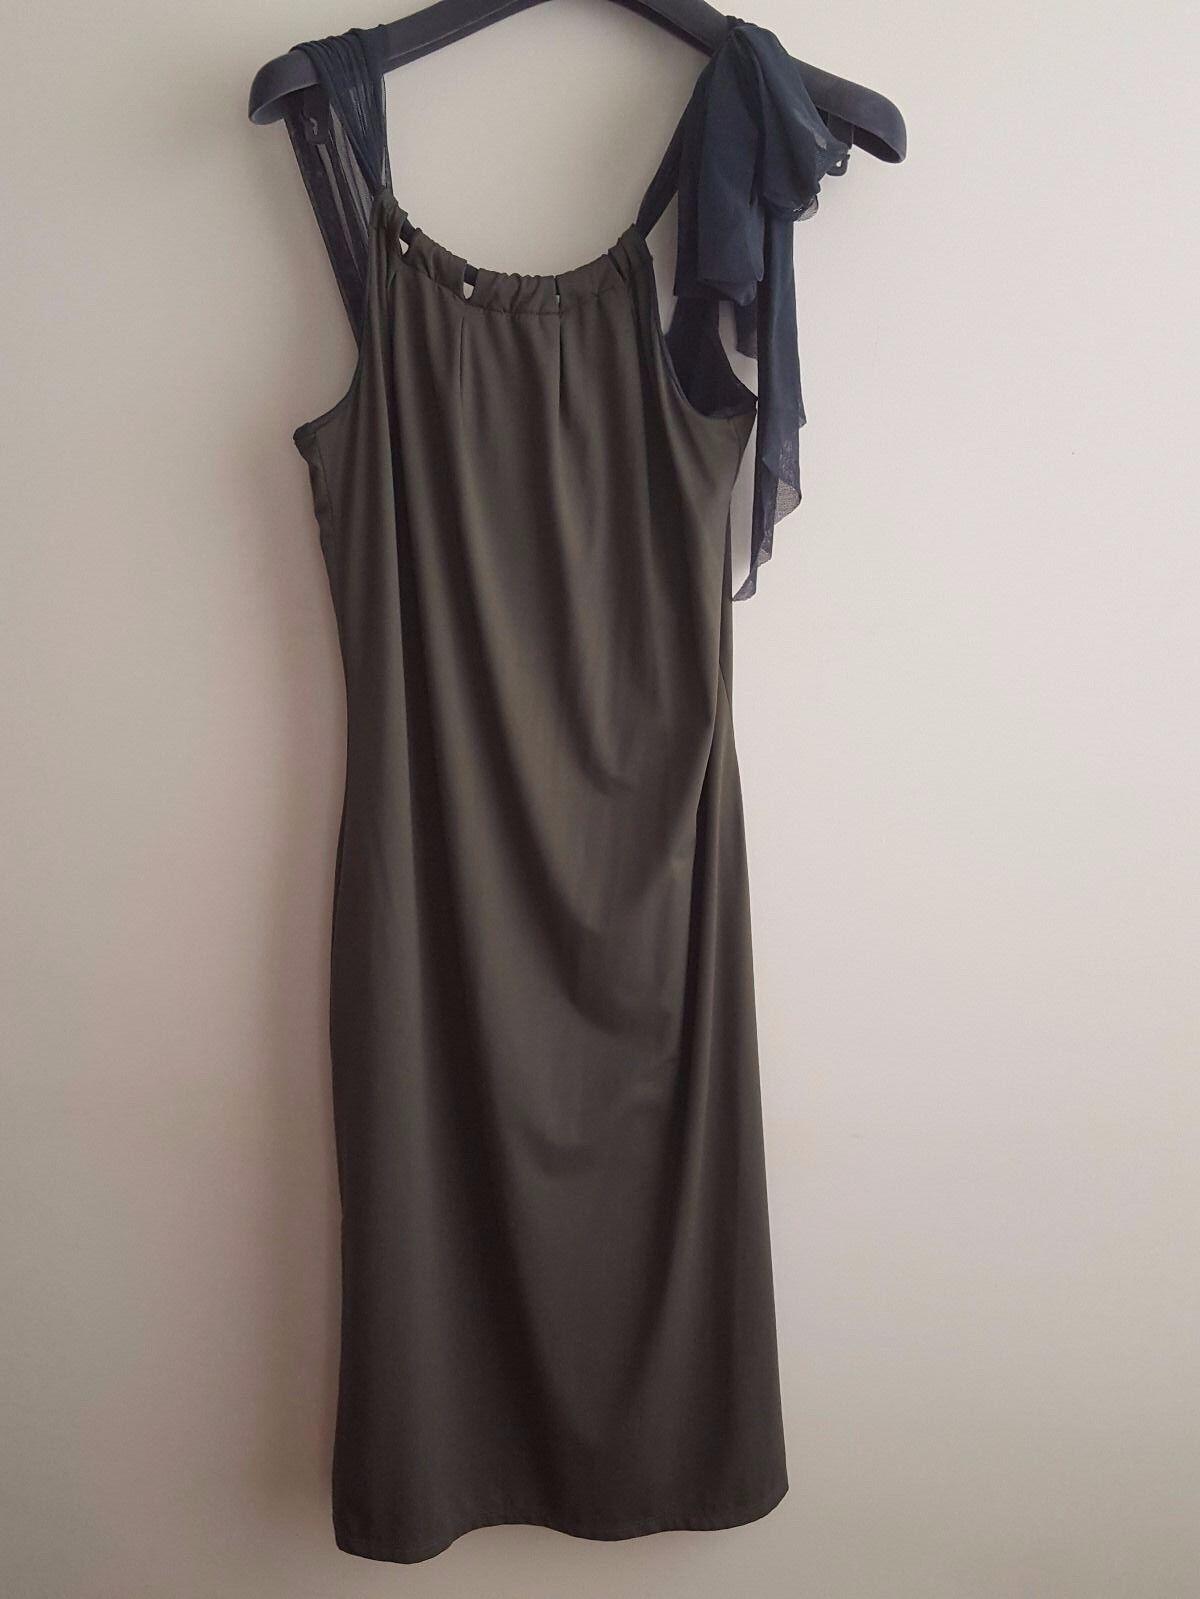 NWT  FUZZI FUZZI FUZZI Summer Italian Khaki Dress Halter Top Straps in Teal  Size L 99f3bf